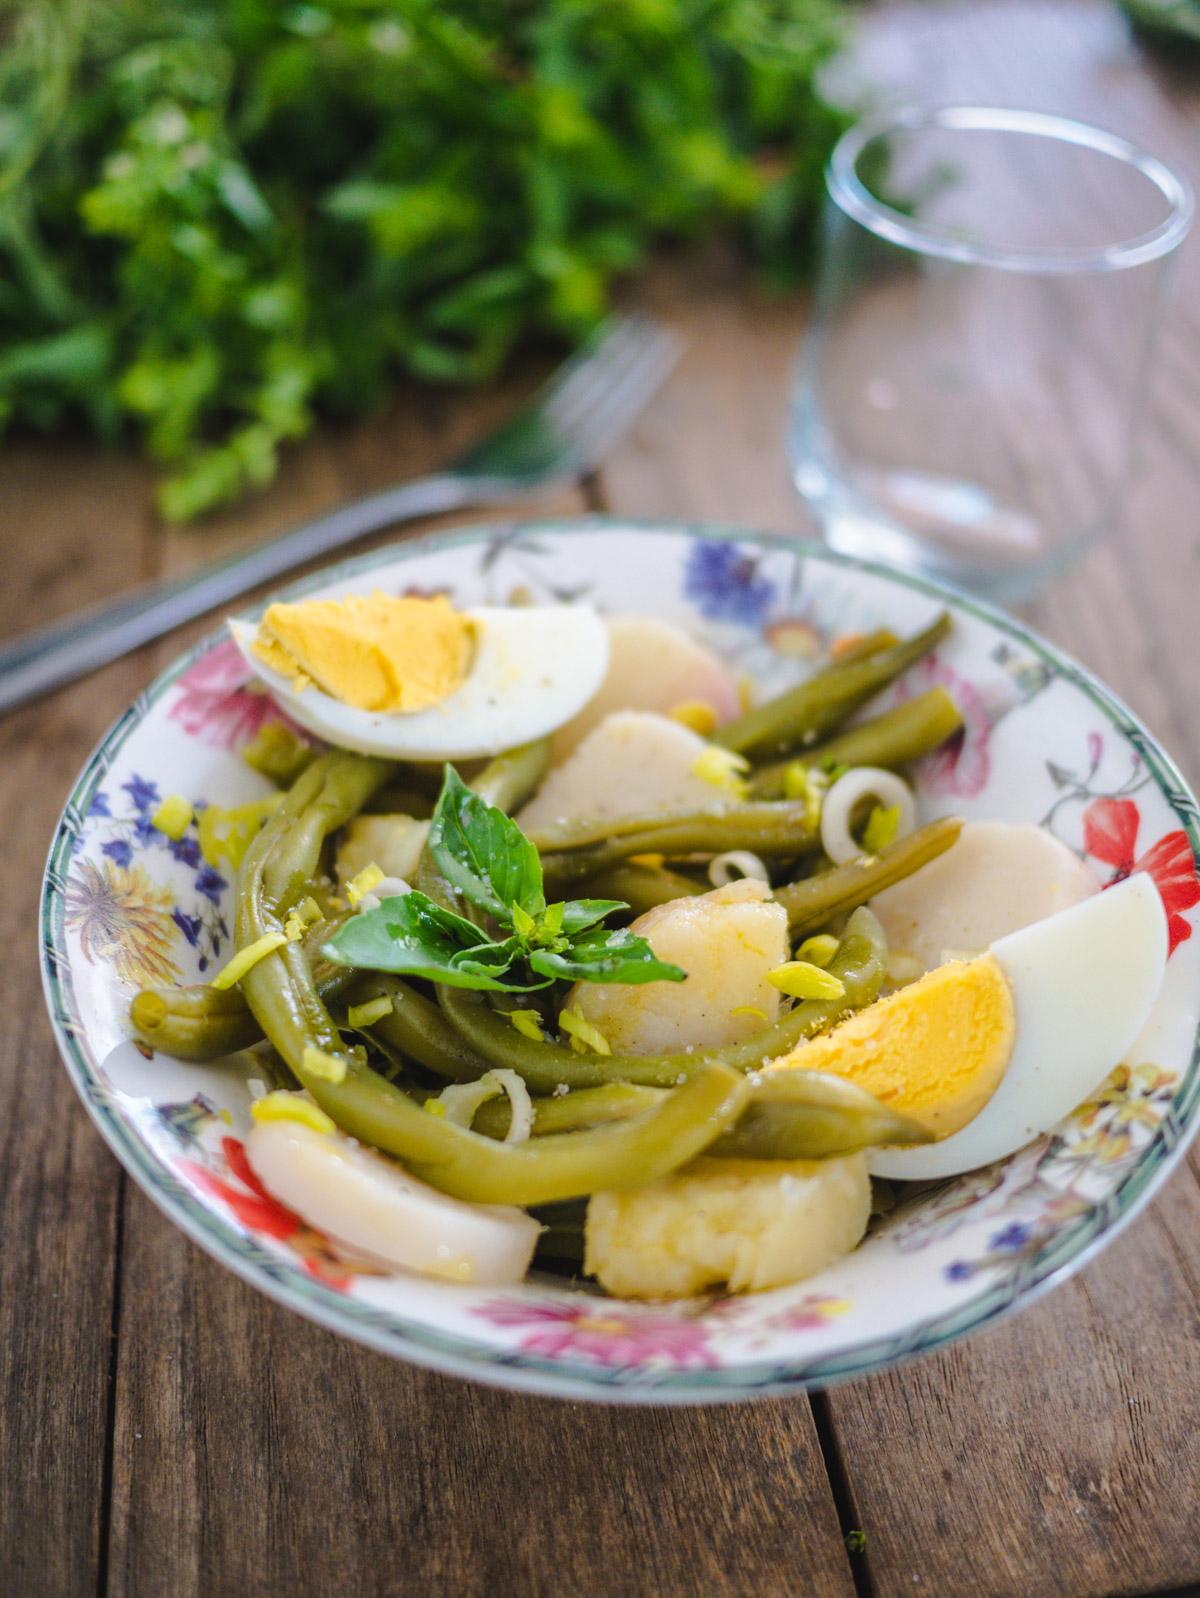 Salade de haricots verts, pommes de terre oeuf dur